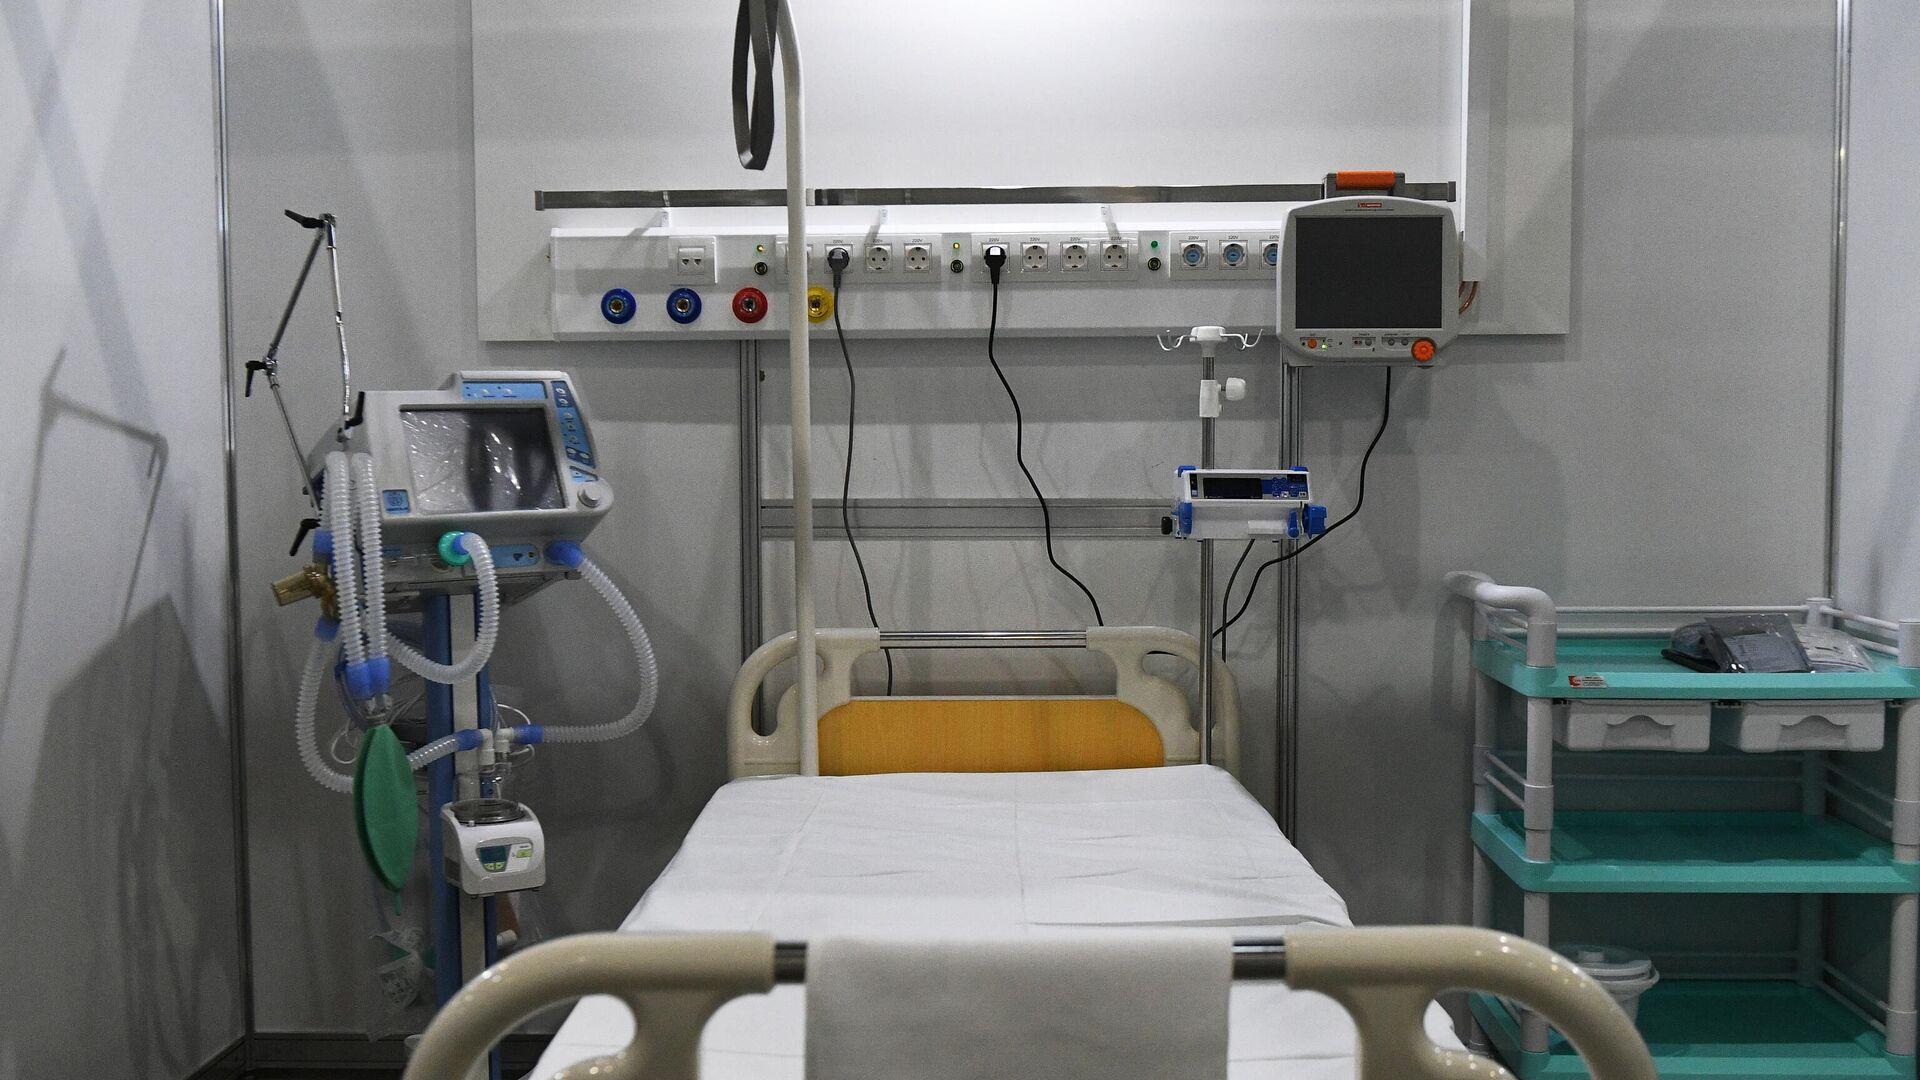 Медицинское оснащение в палате временного госпиталя для пациентов с COVID-19 в Международном выставочном центре Крокус Экспо в Красногорске - РИА Новости, 1920, 20.01.2021